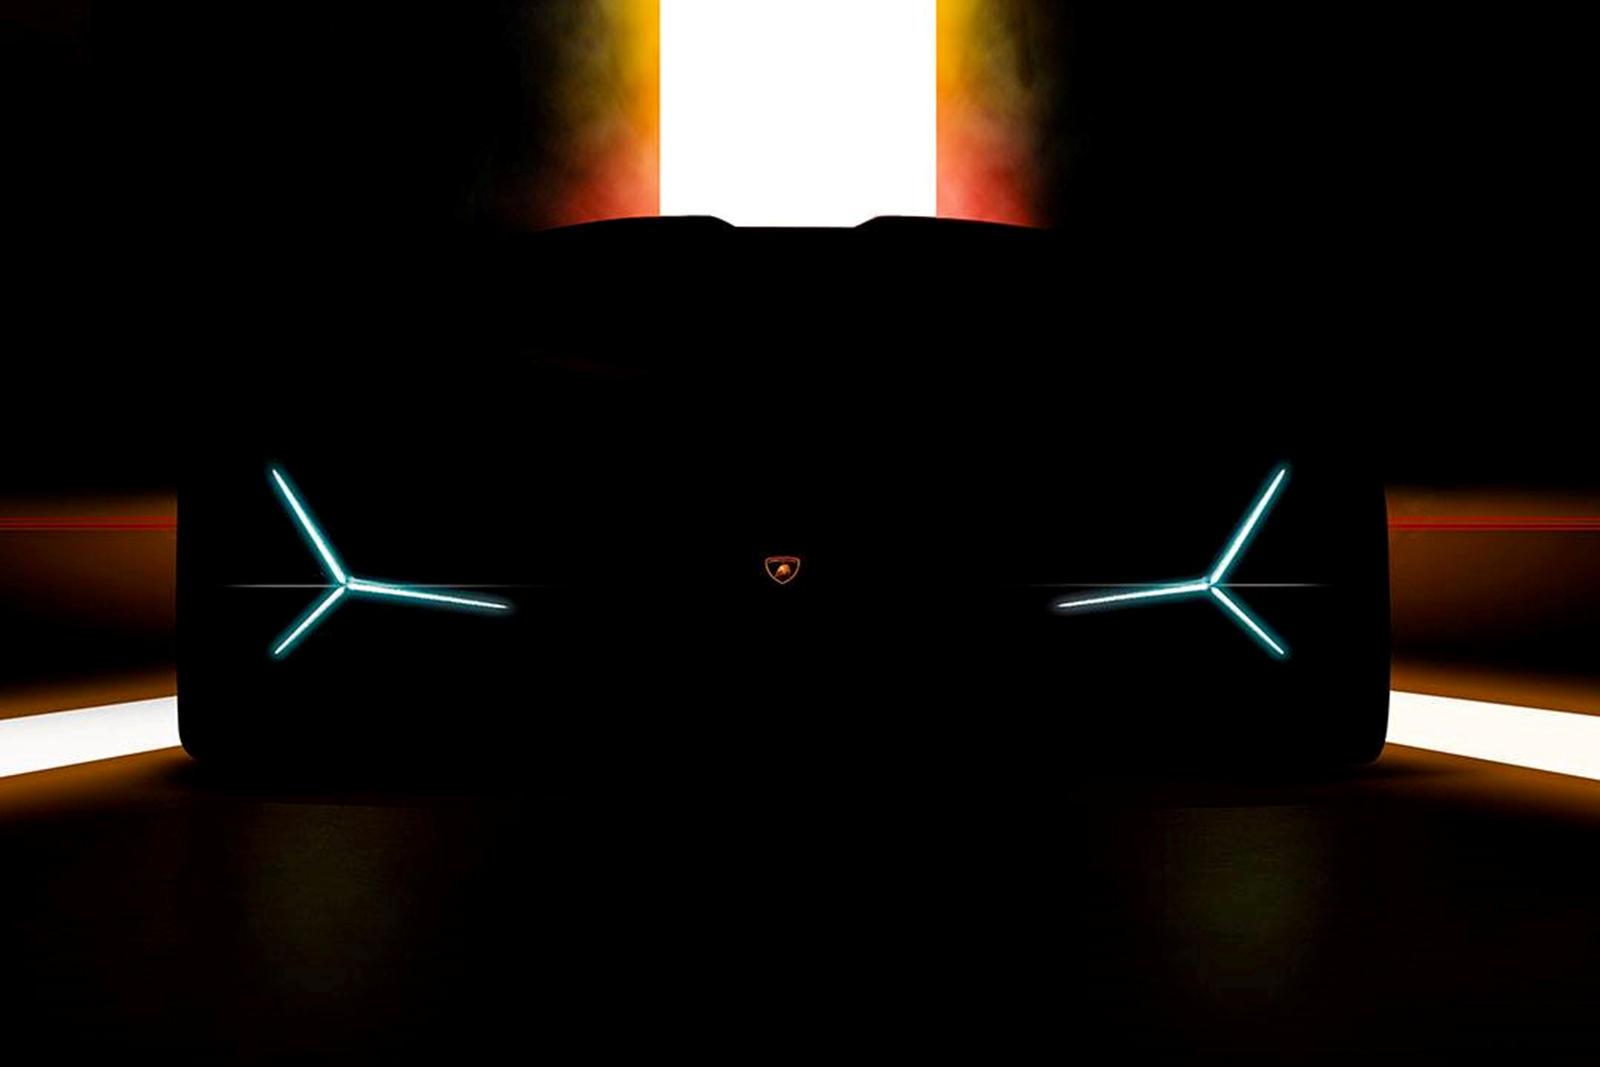 تعرف على السيارة الخارقة القادمة من لامبورجيني من الصورة المسربة